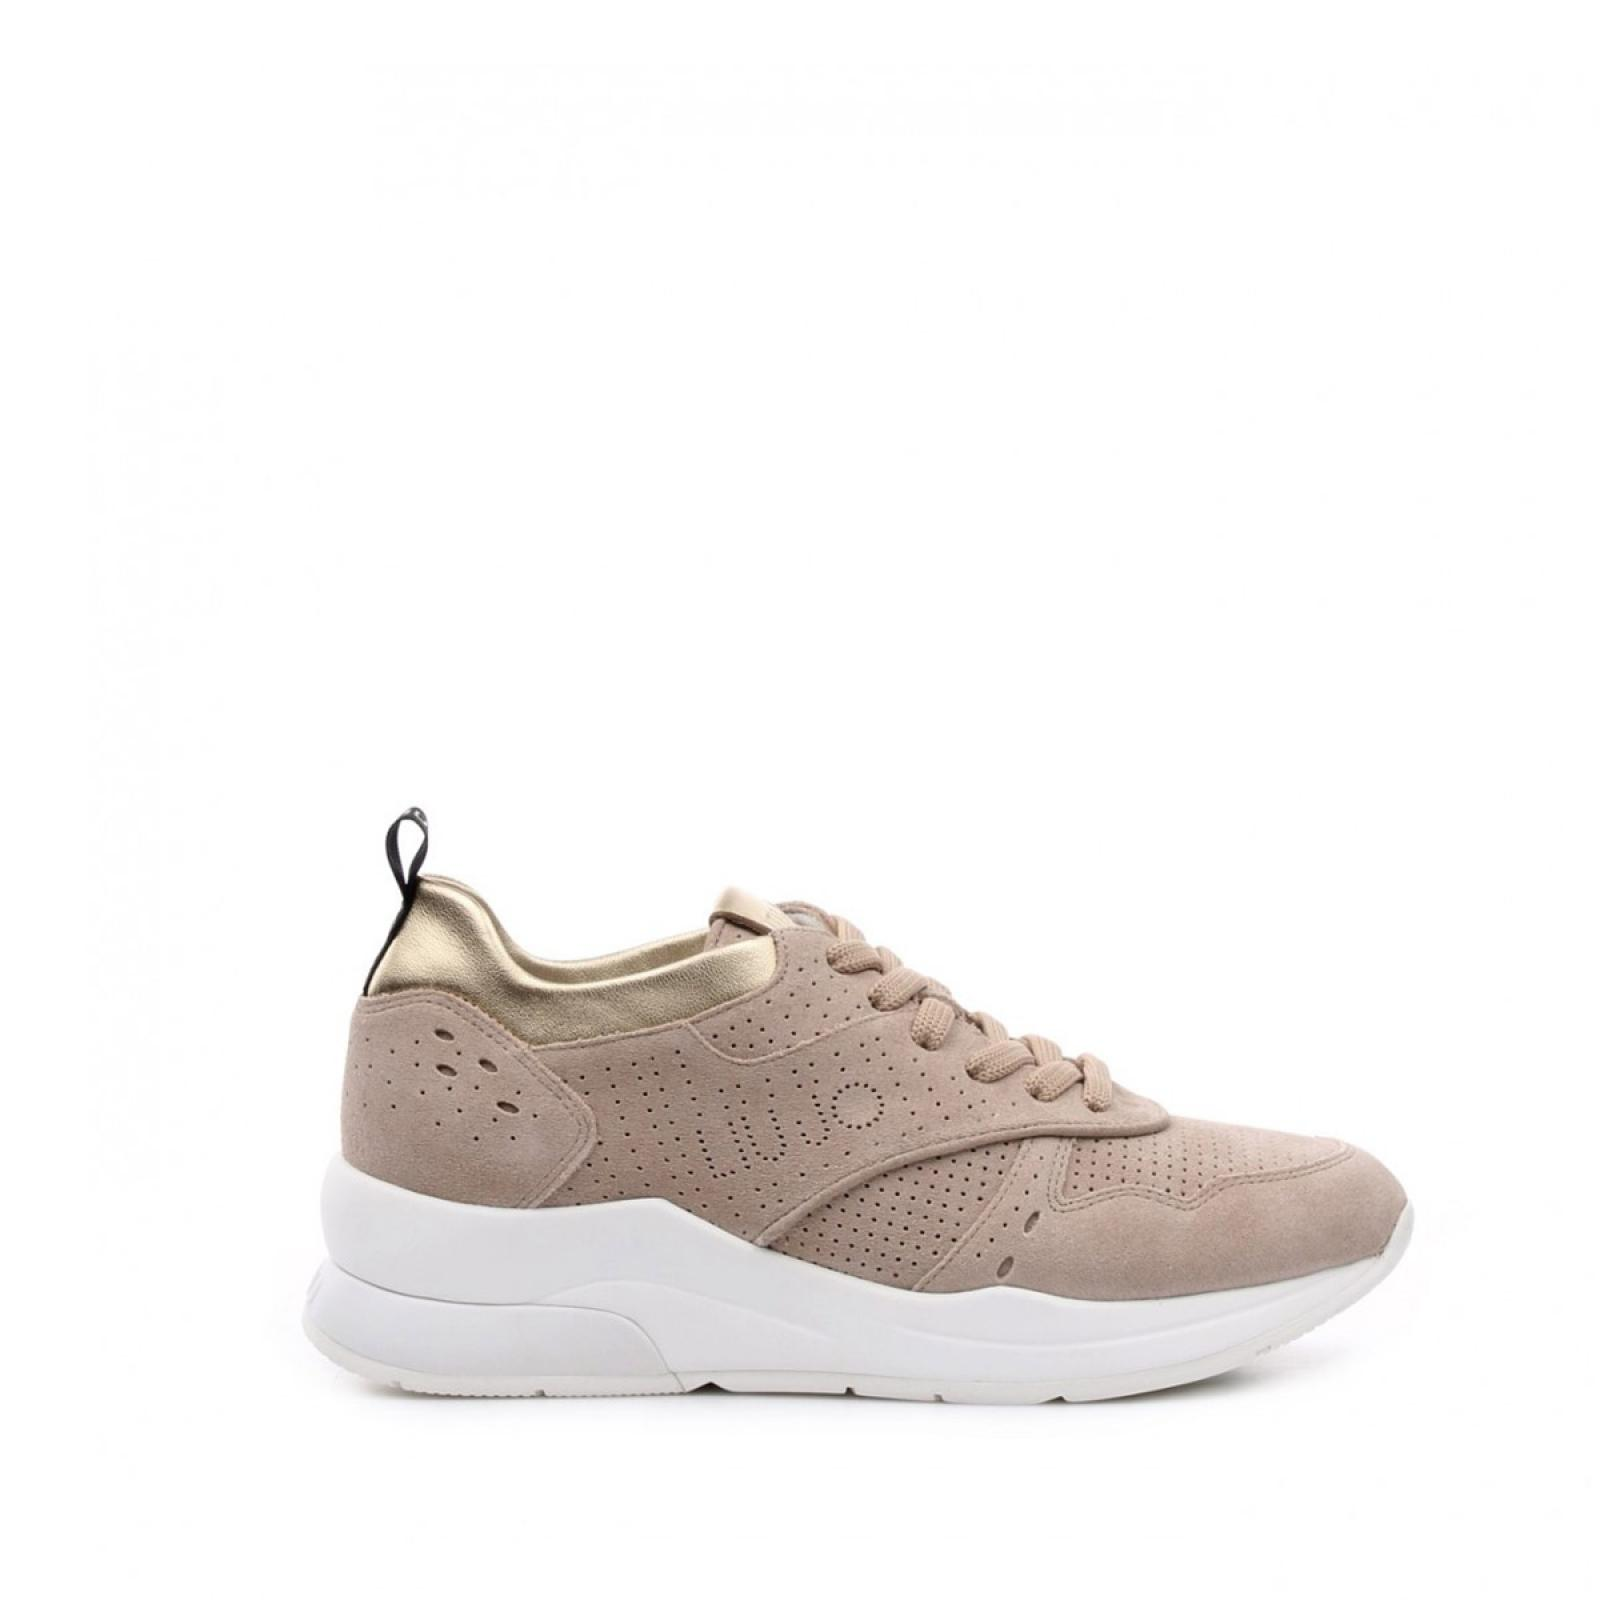 Sneakers Karlie in suede - SAND